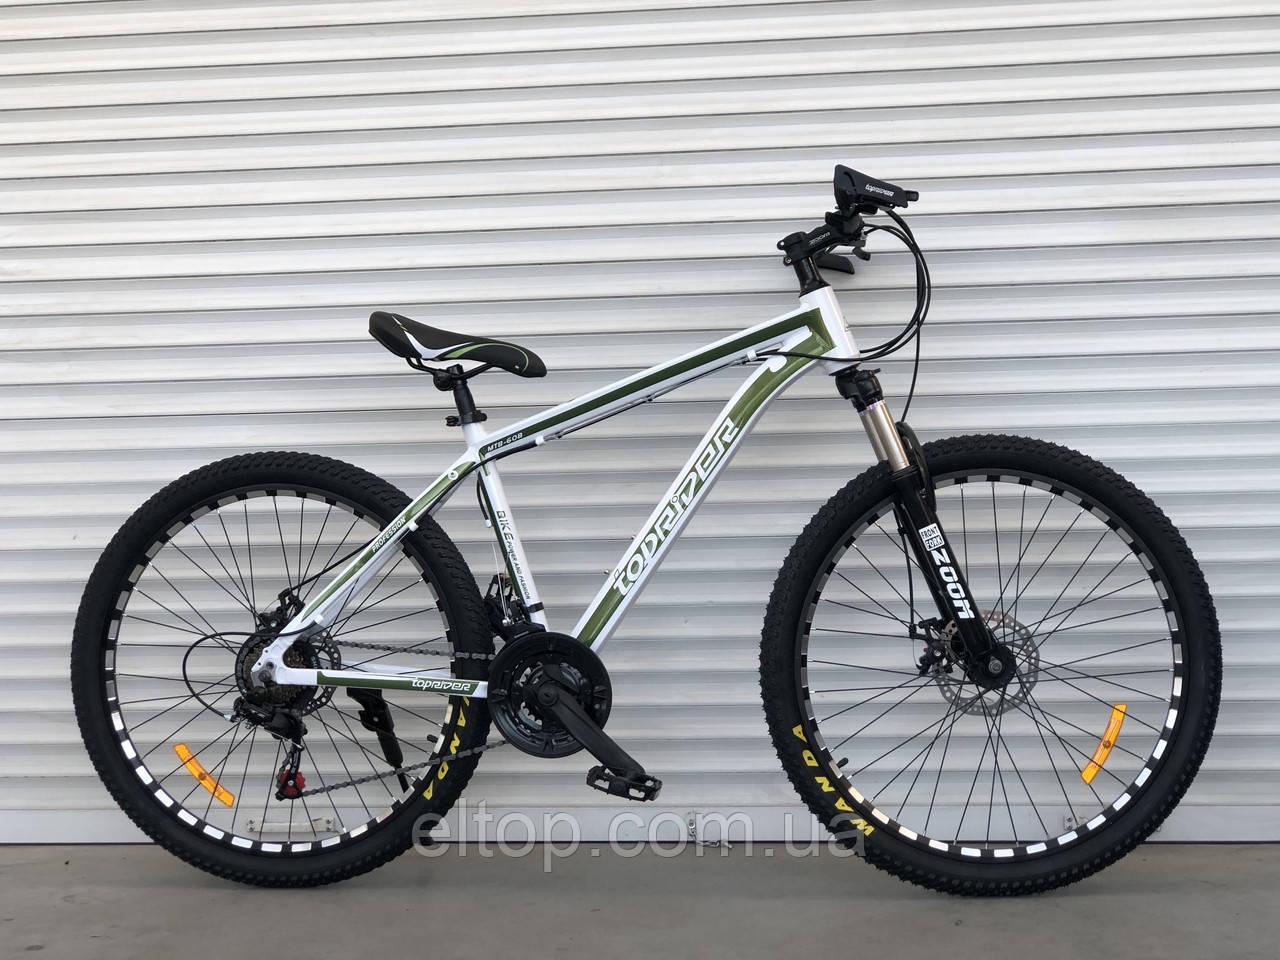 Спортивный горный алюминиевый велосипед TopRider 680 26 дюймов колеса